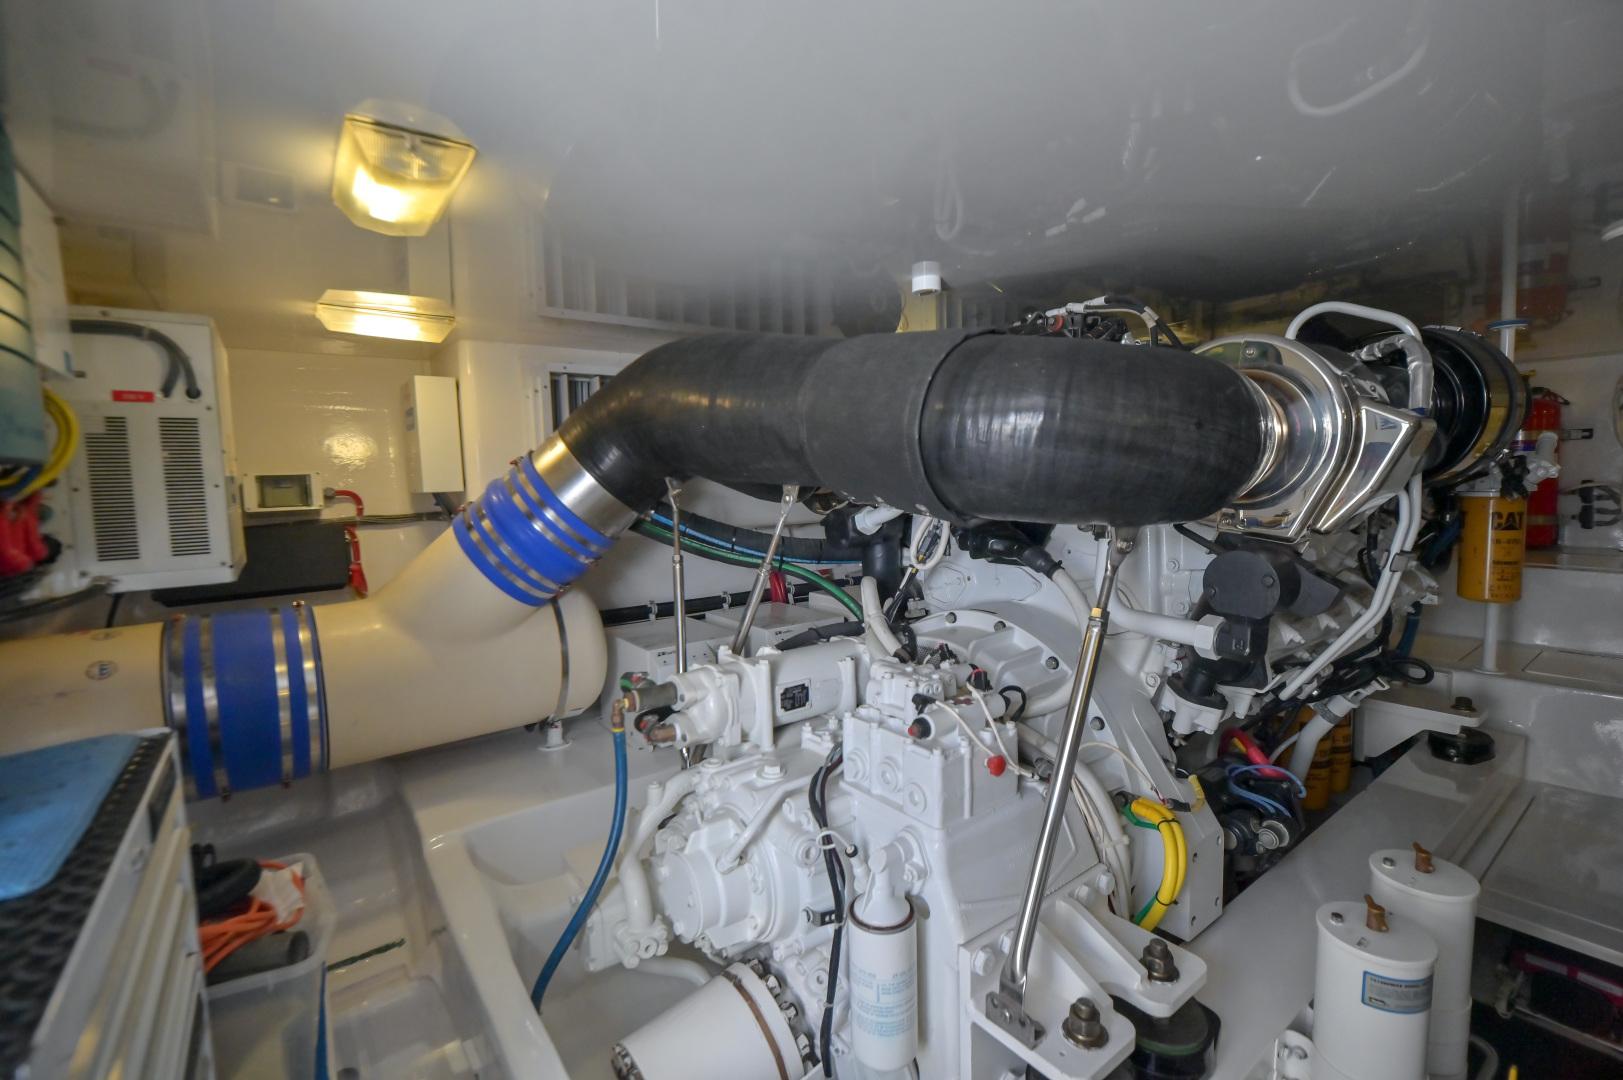 Viking-62 Convertible 2014-Mixer Playa Herradura, Los Suenos,-Costa Rica-2014 Viking 62 Convertible  Engine Room-1356255 | Thumbnail